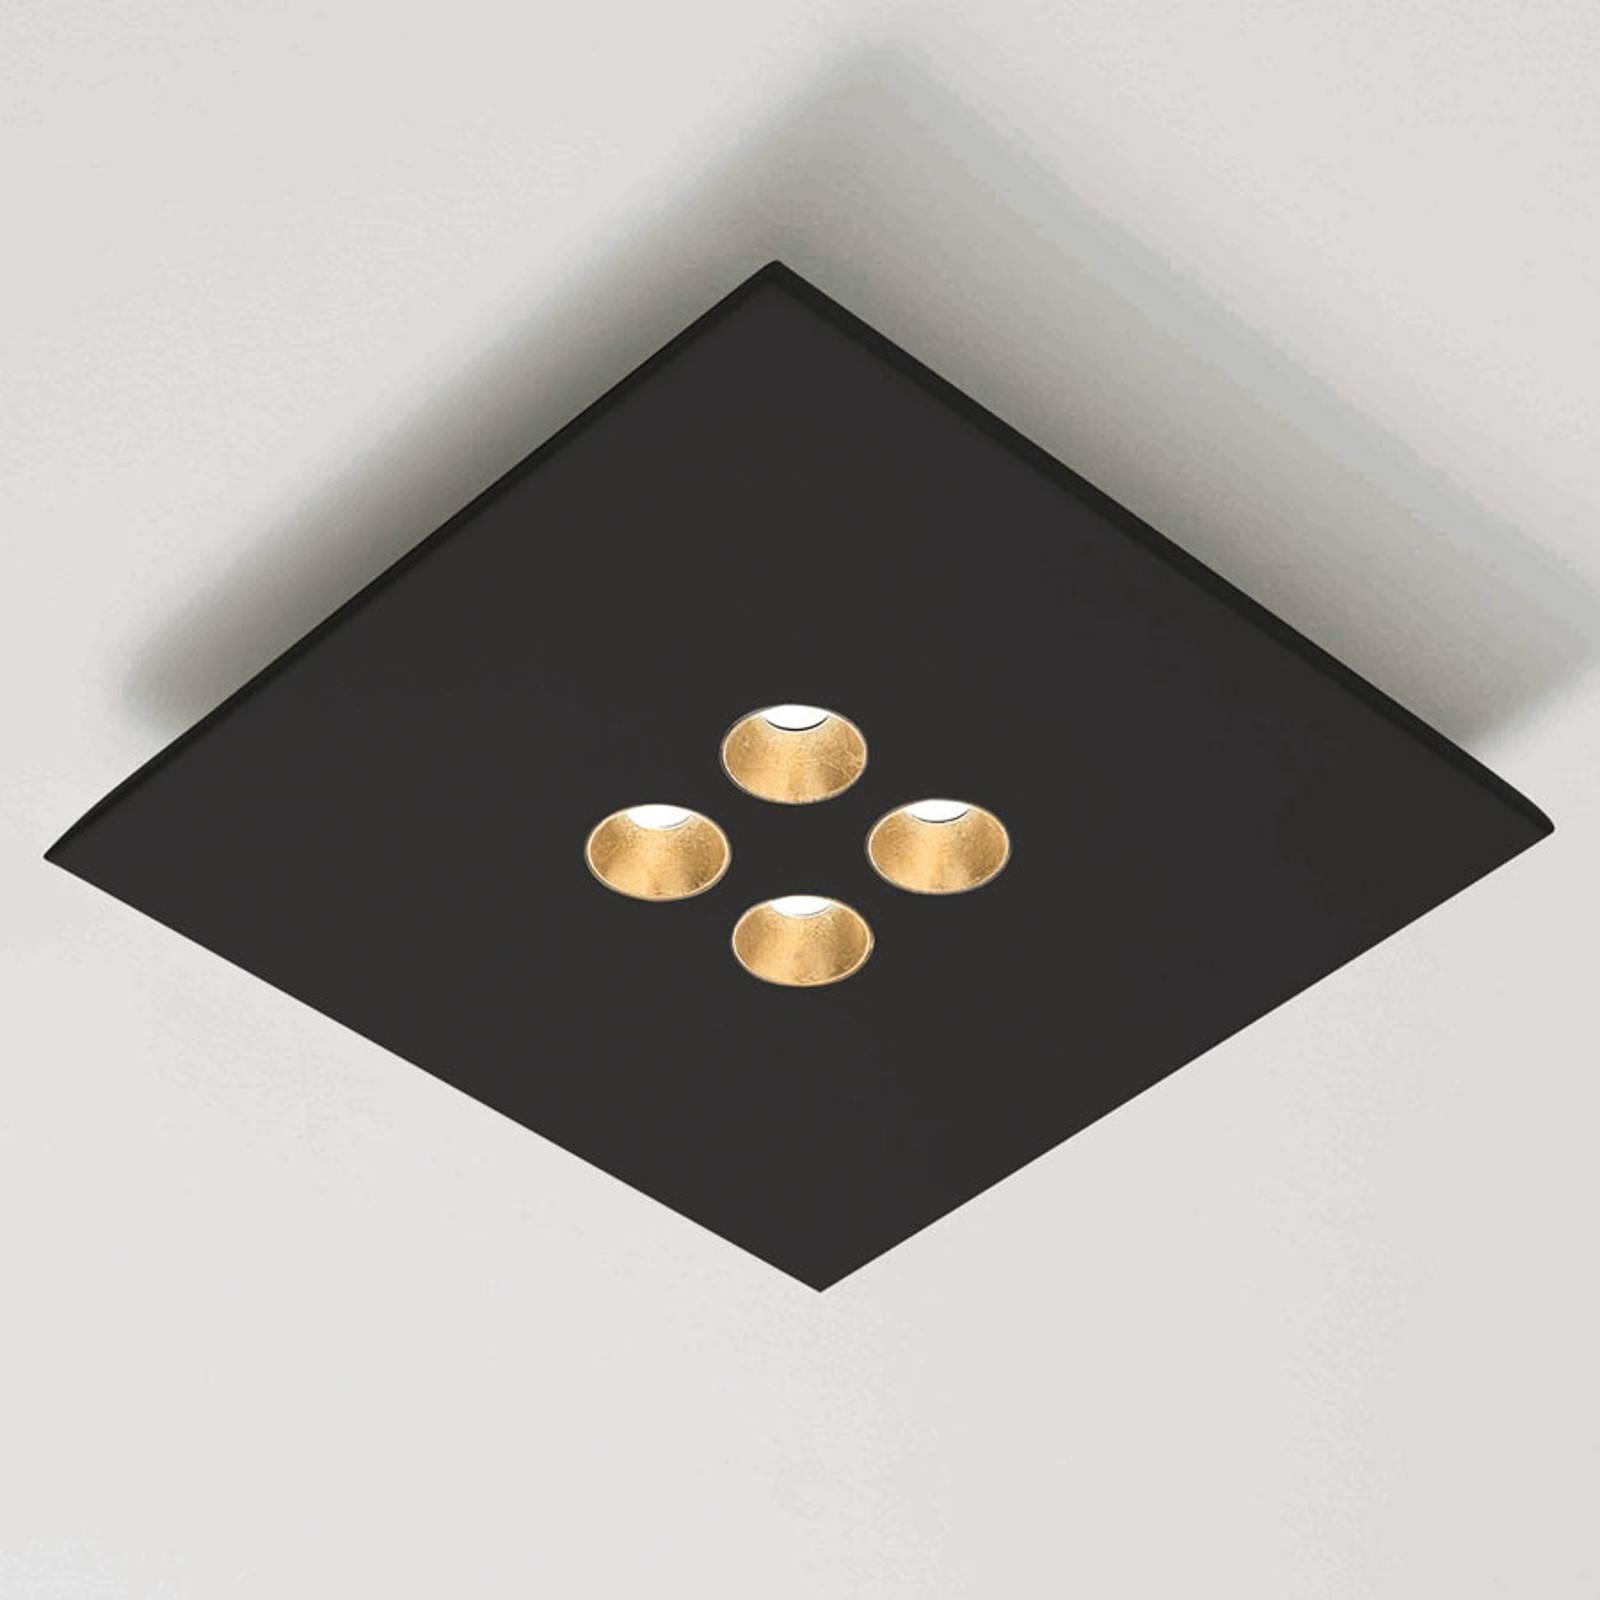 ICONE Confort -LED-kattovalaisin, tyylikäs musta